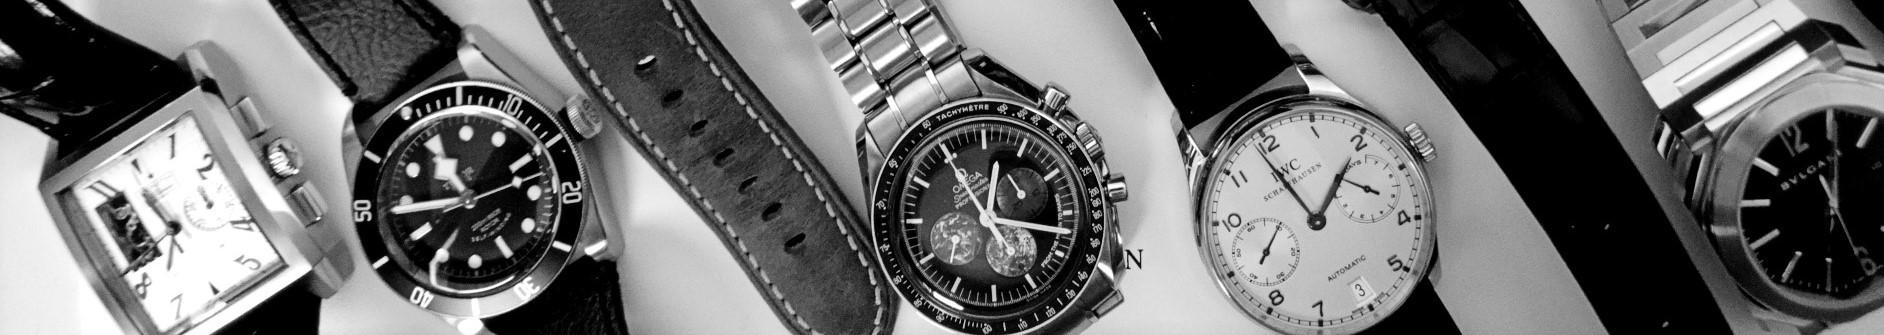 consejos y tips comerccia watches